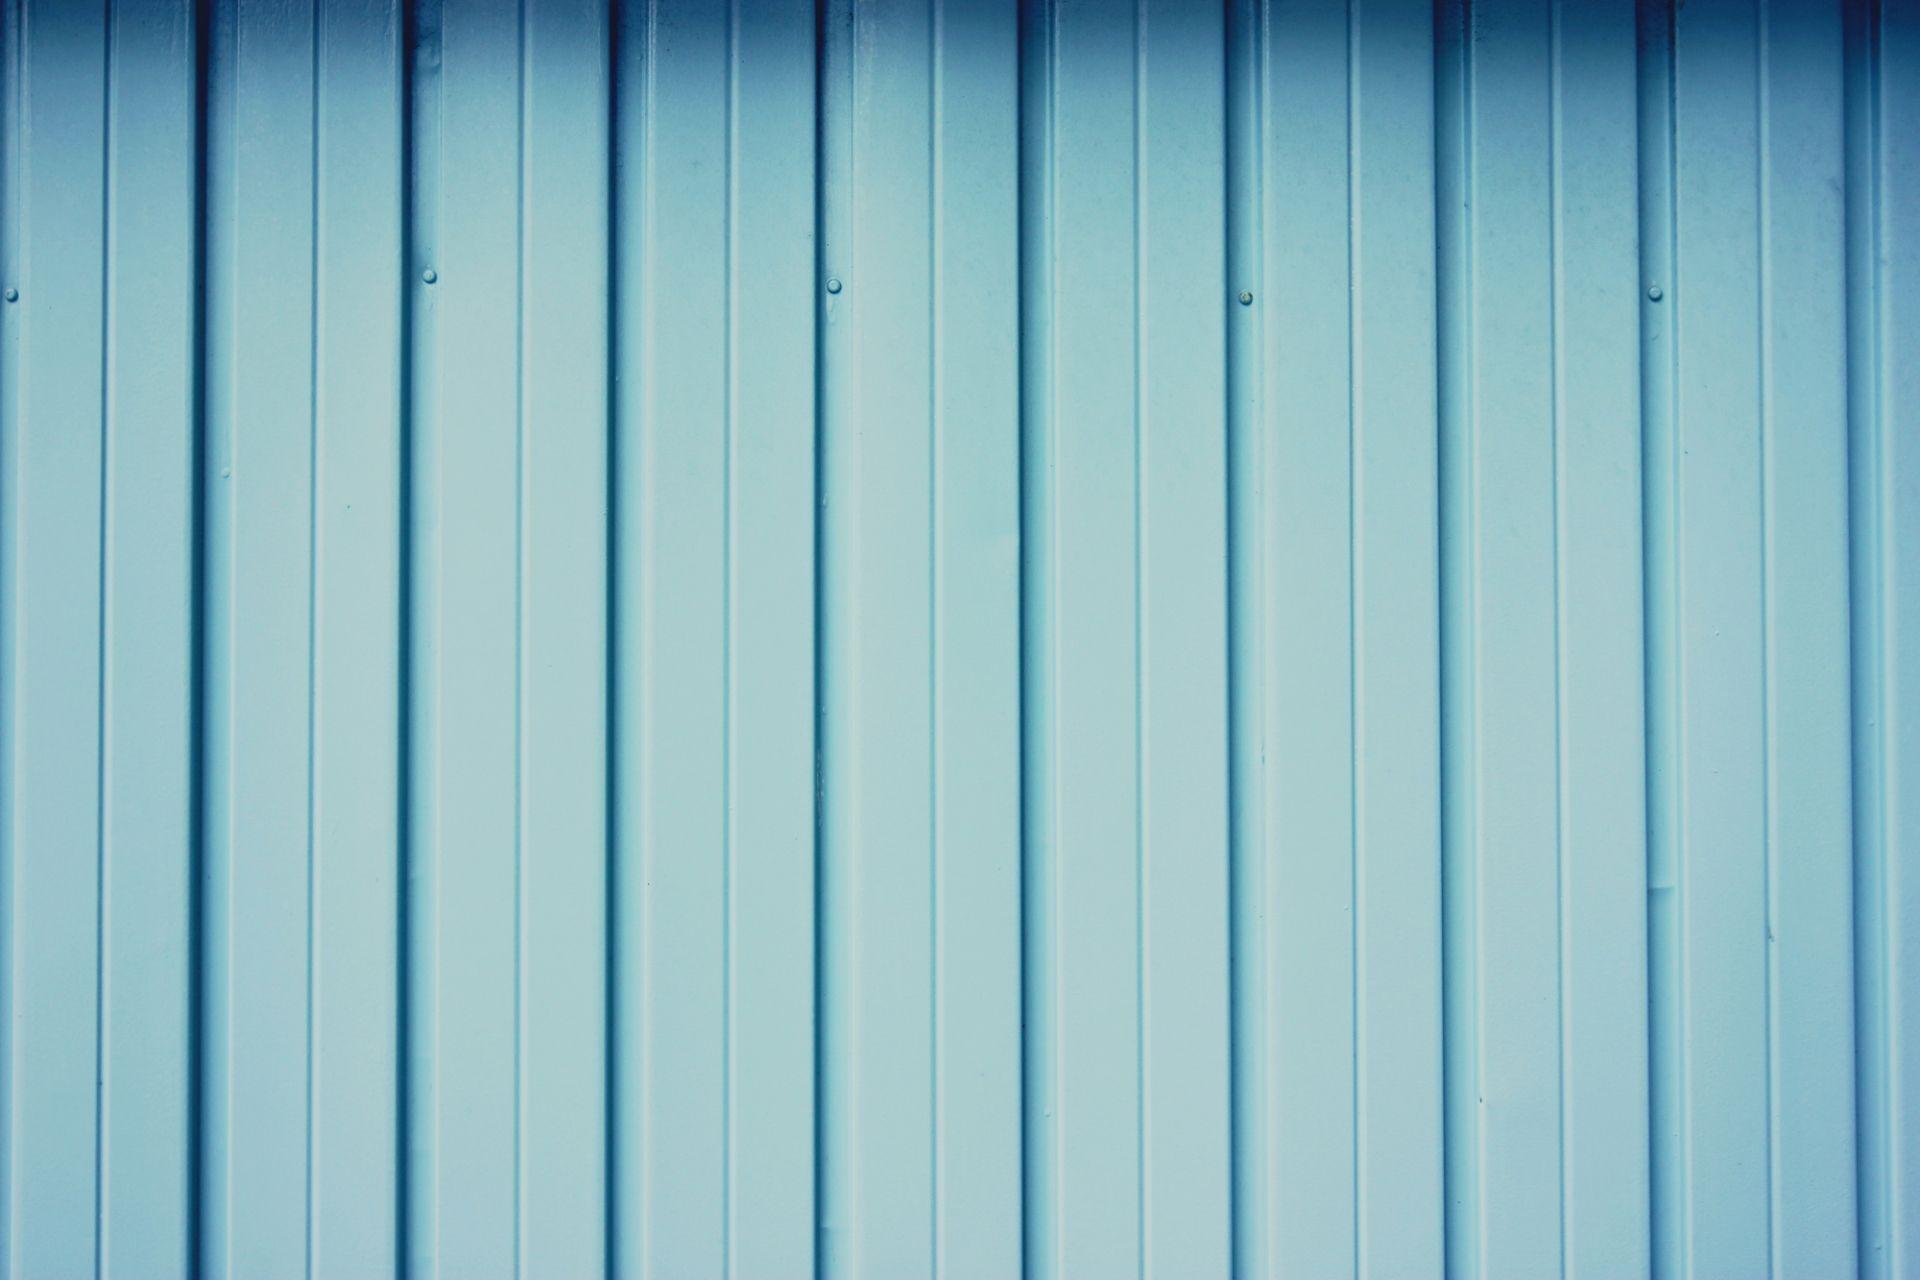 「トタン」とは何か?|誰でもわかるリノベ用語集